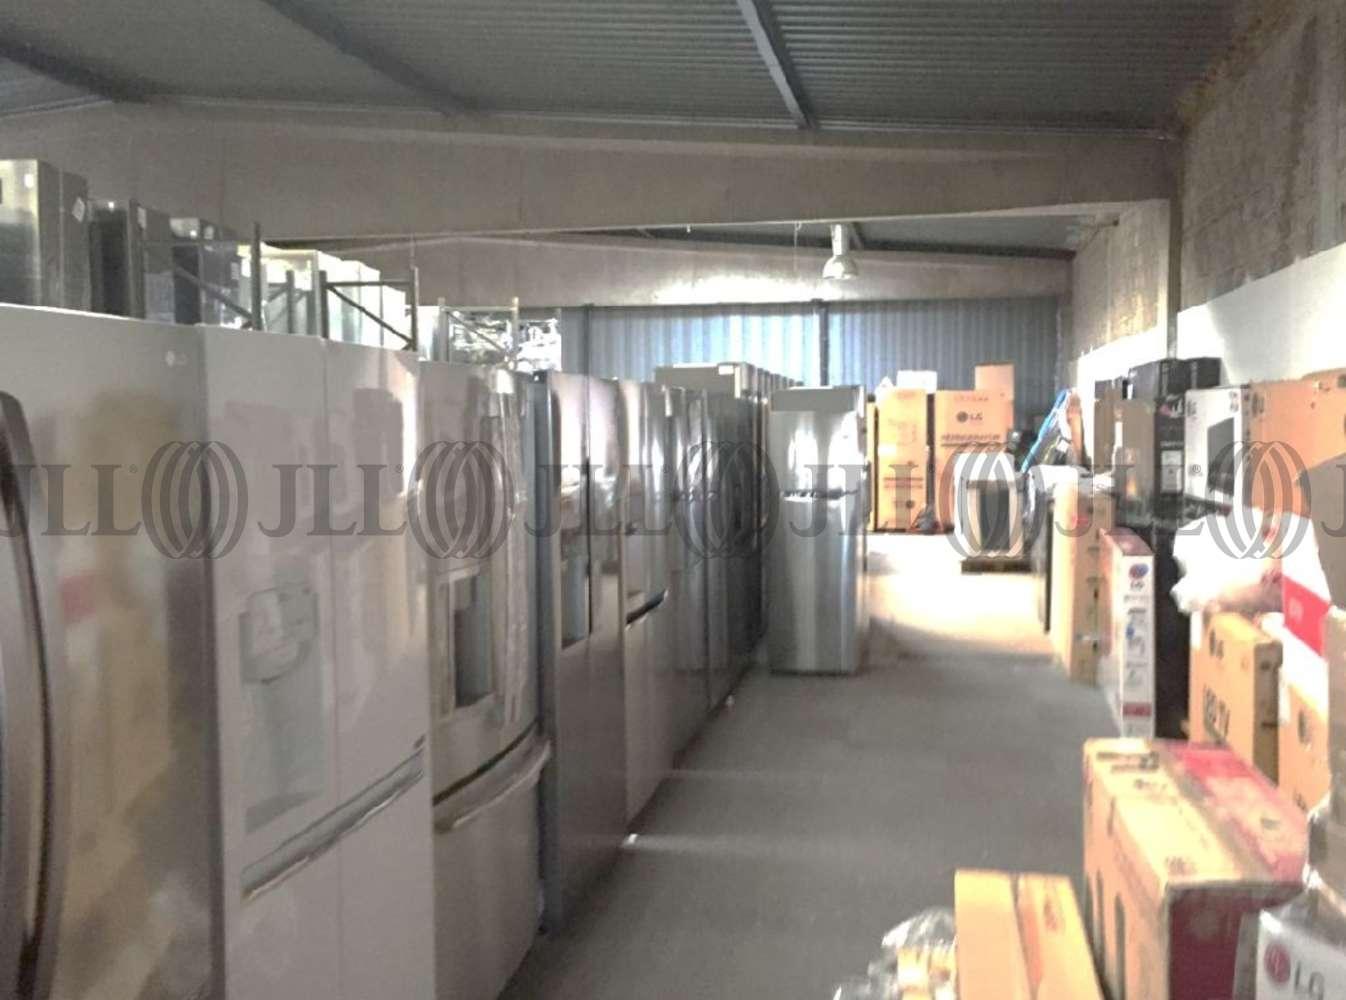 Activités/entrepôt St ouen l aumone, 95310 - 23 RUE ANTOINE BALARD - 9542978